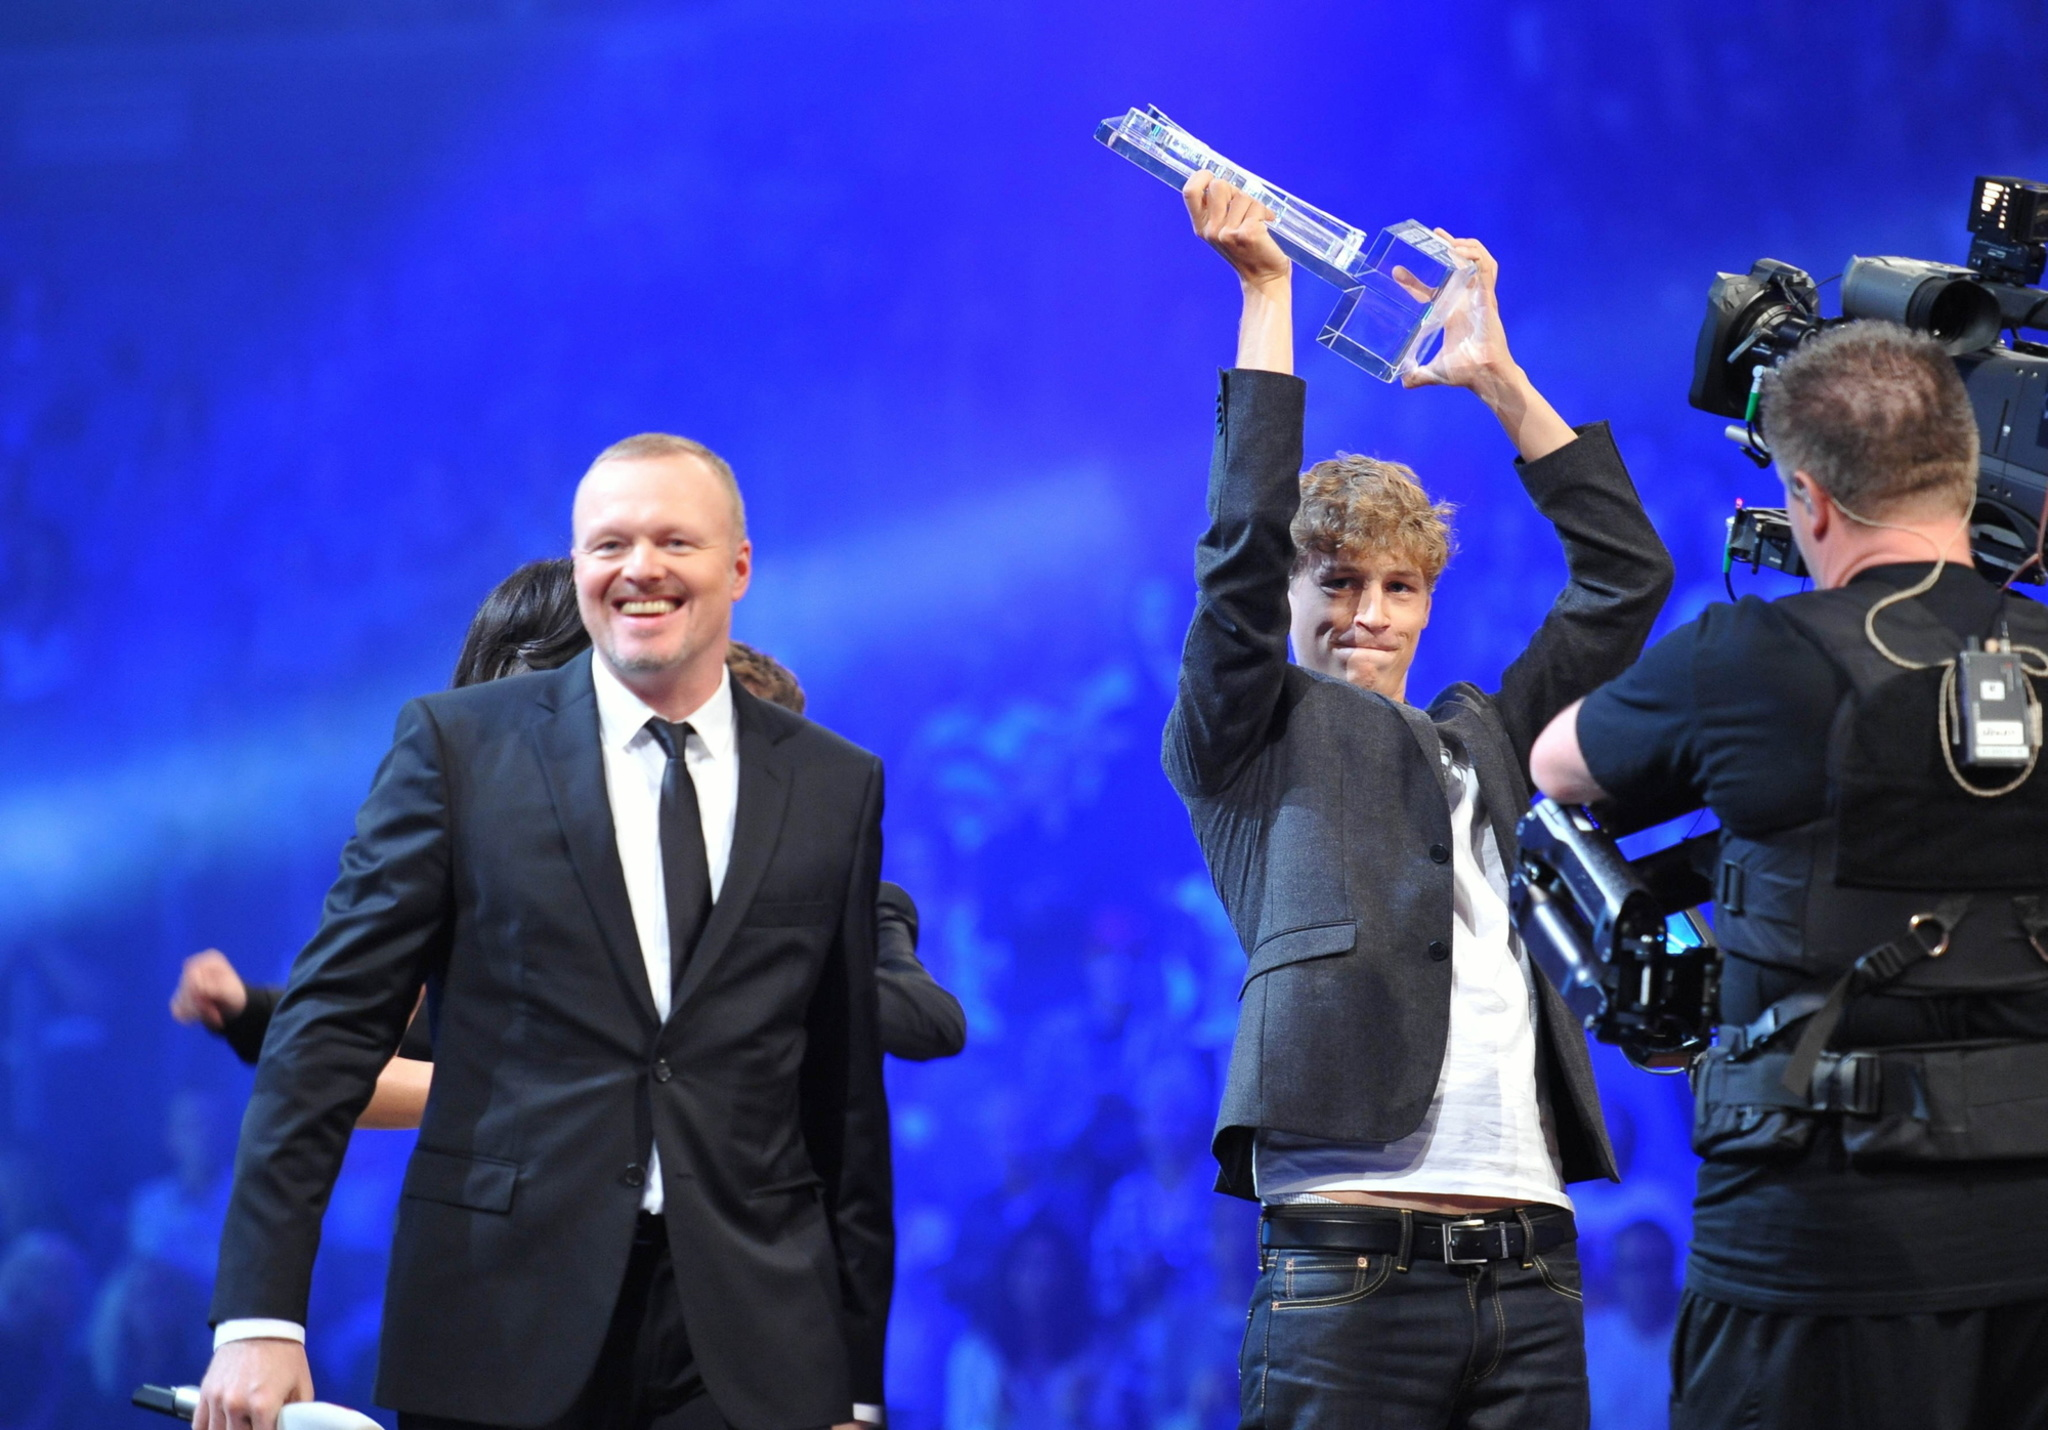 Tim Bendzko Gewinnt Bundesvision Song Contest